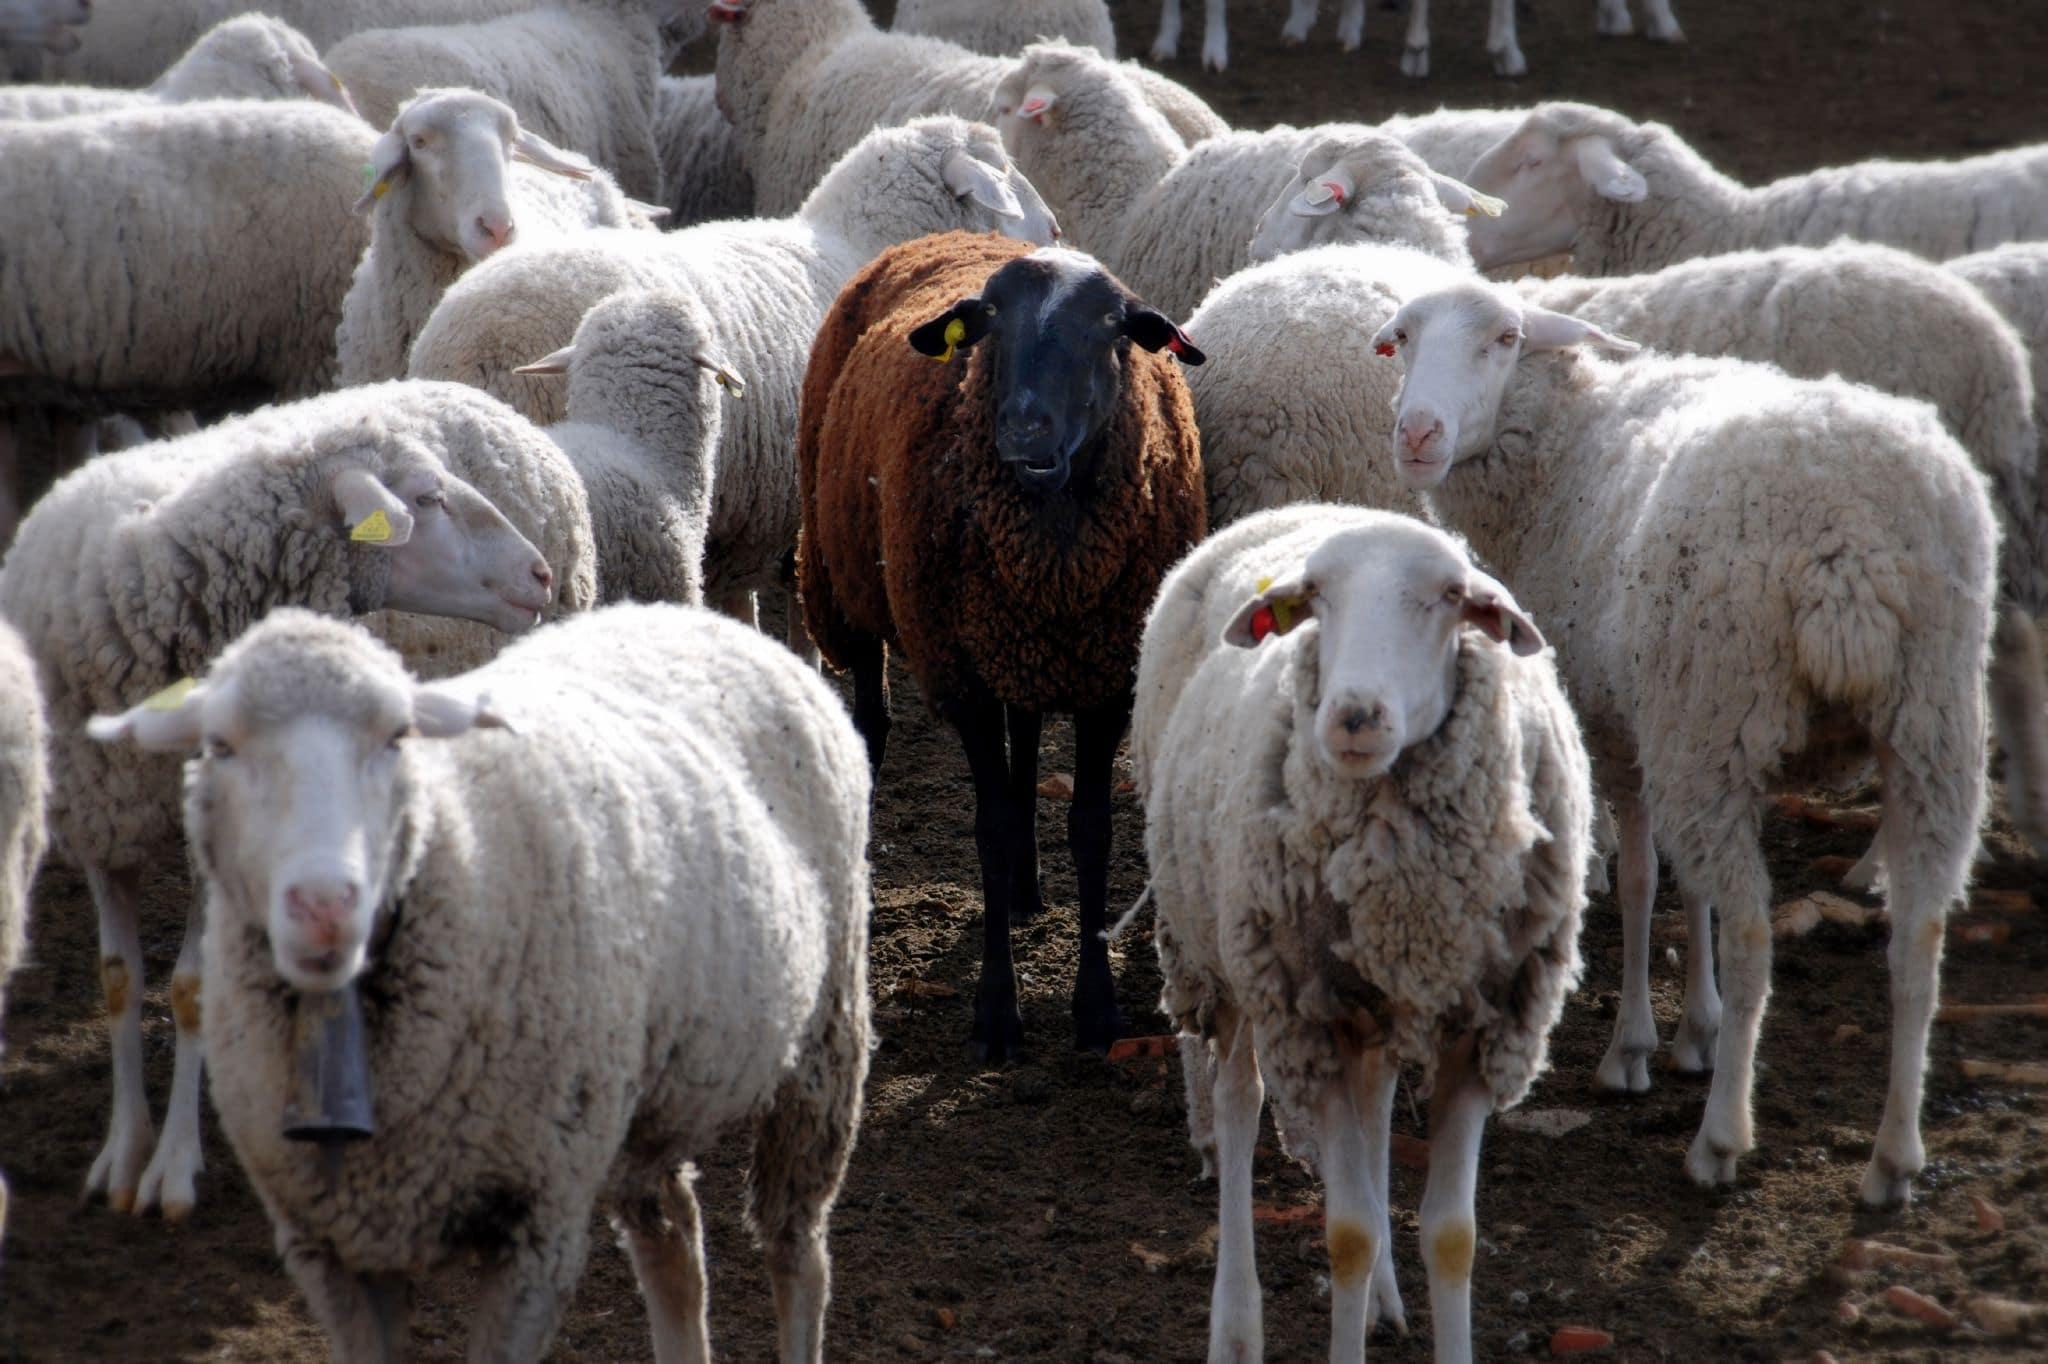 een zwart schaap staand tussen veel andere witte schapen